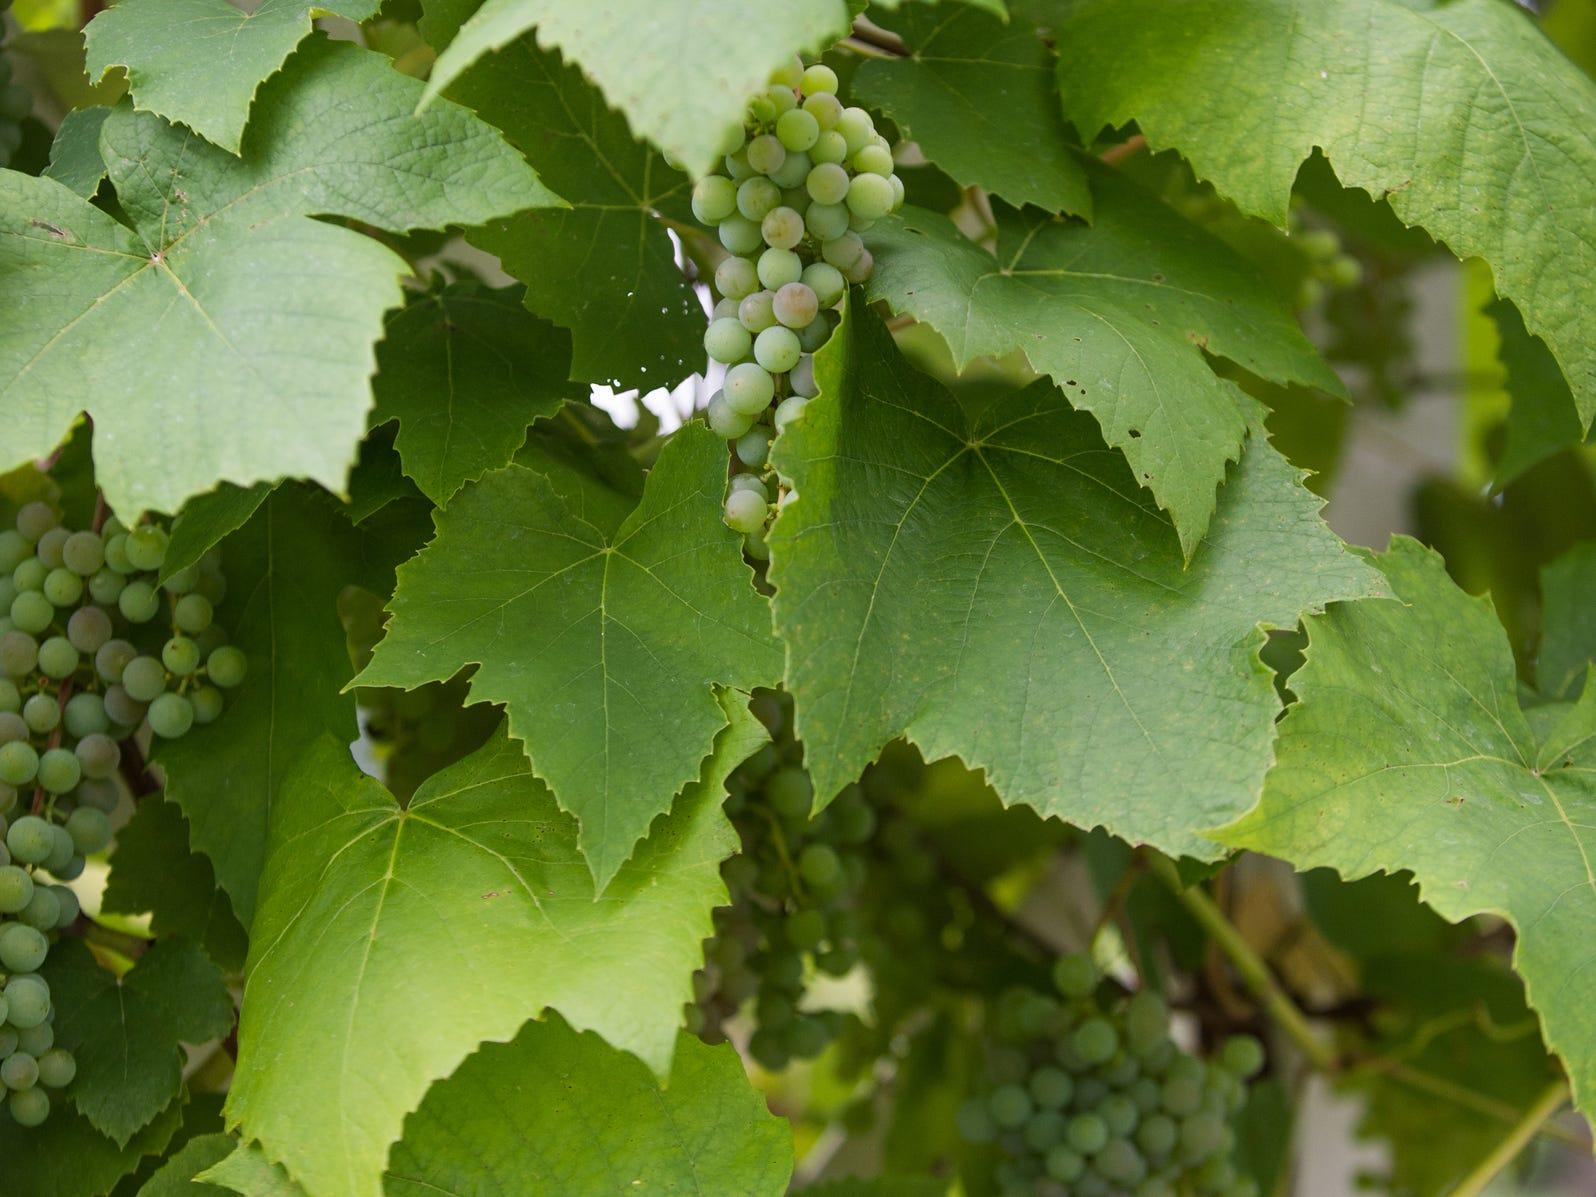 Grapes grow near the outdoor gazebo.